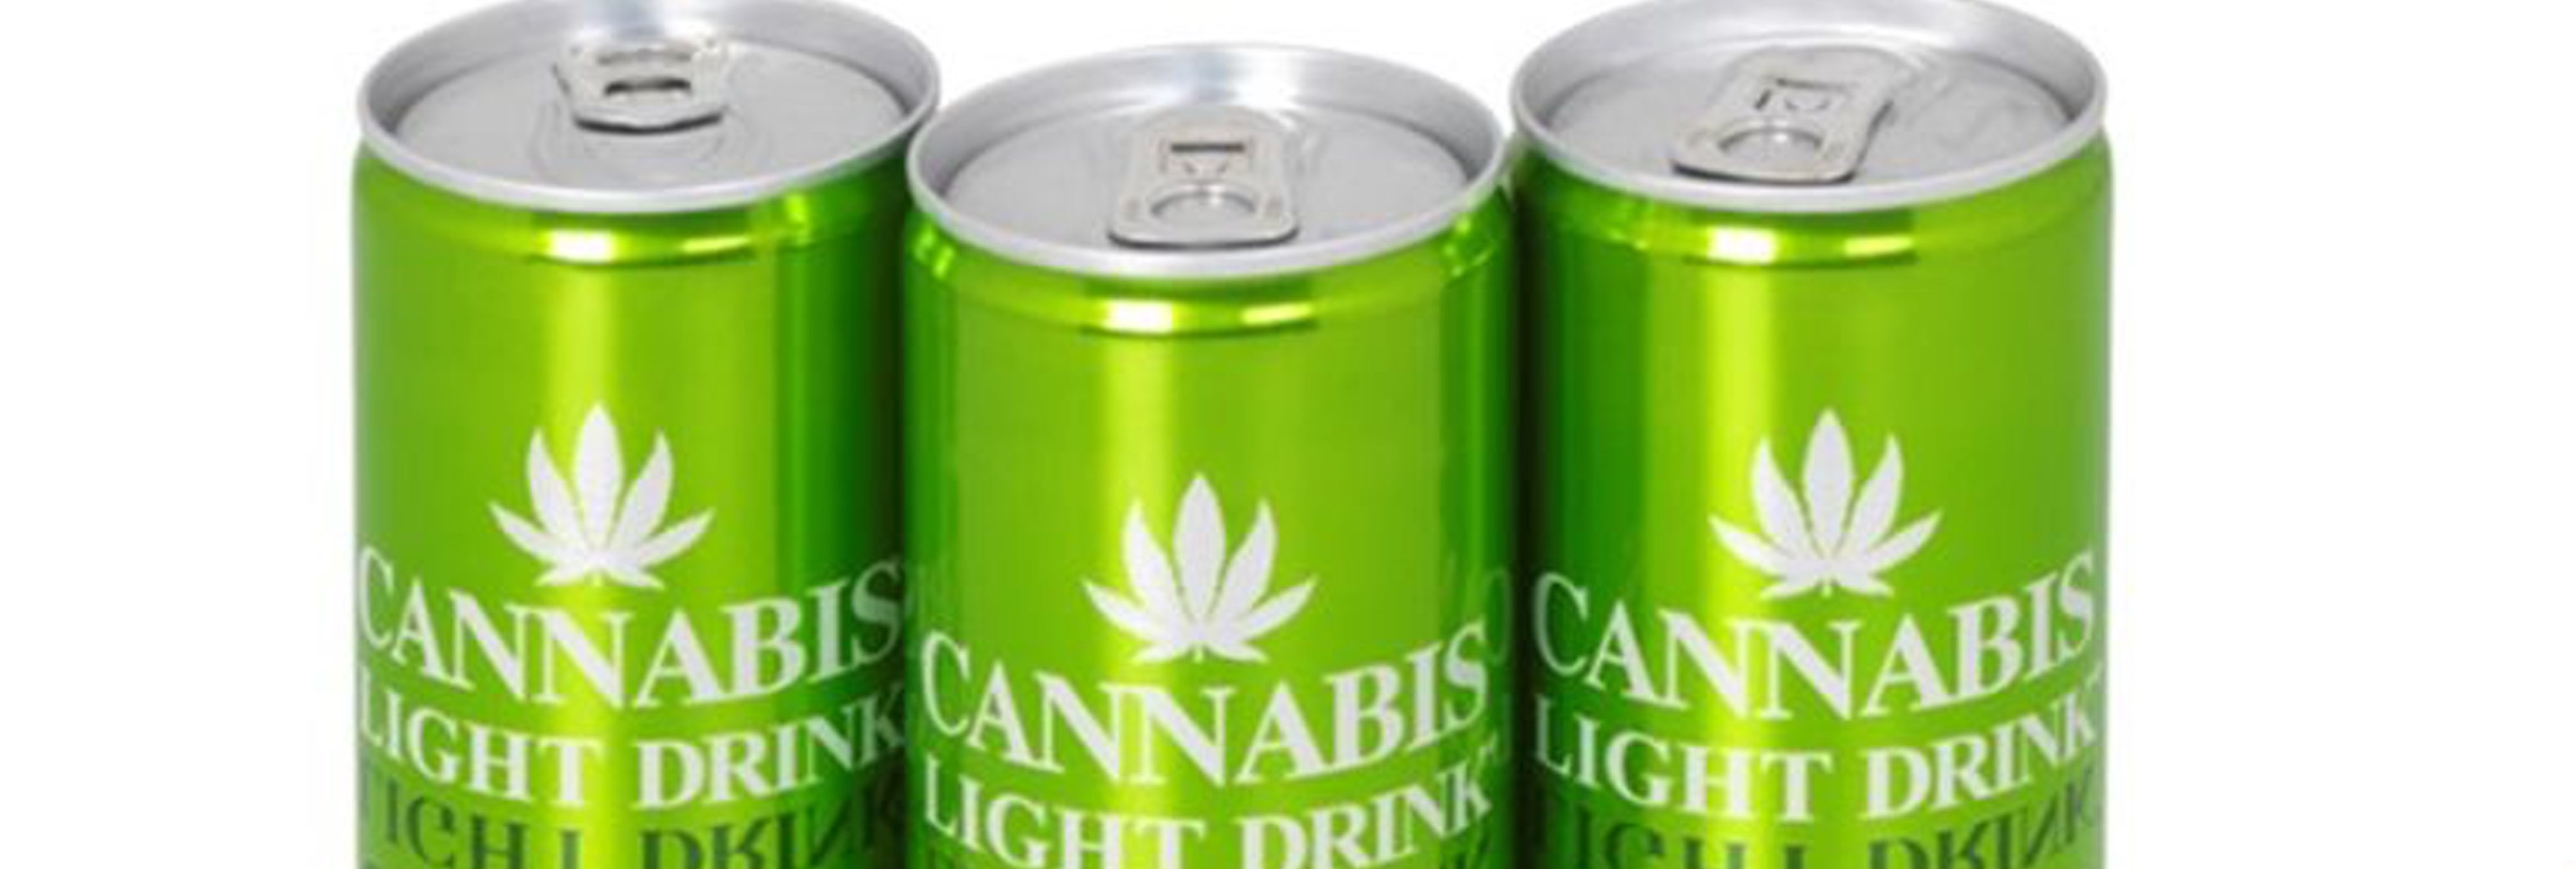 Las bebidas de cannabis podrían ser el nuevo alcohol